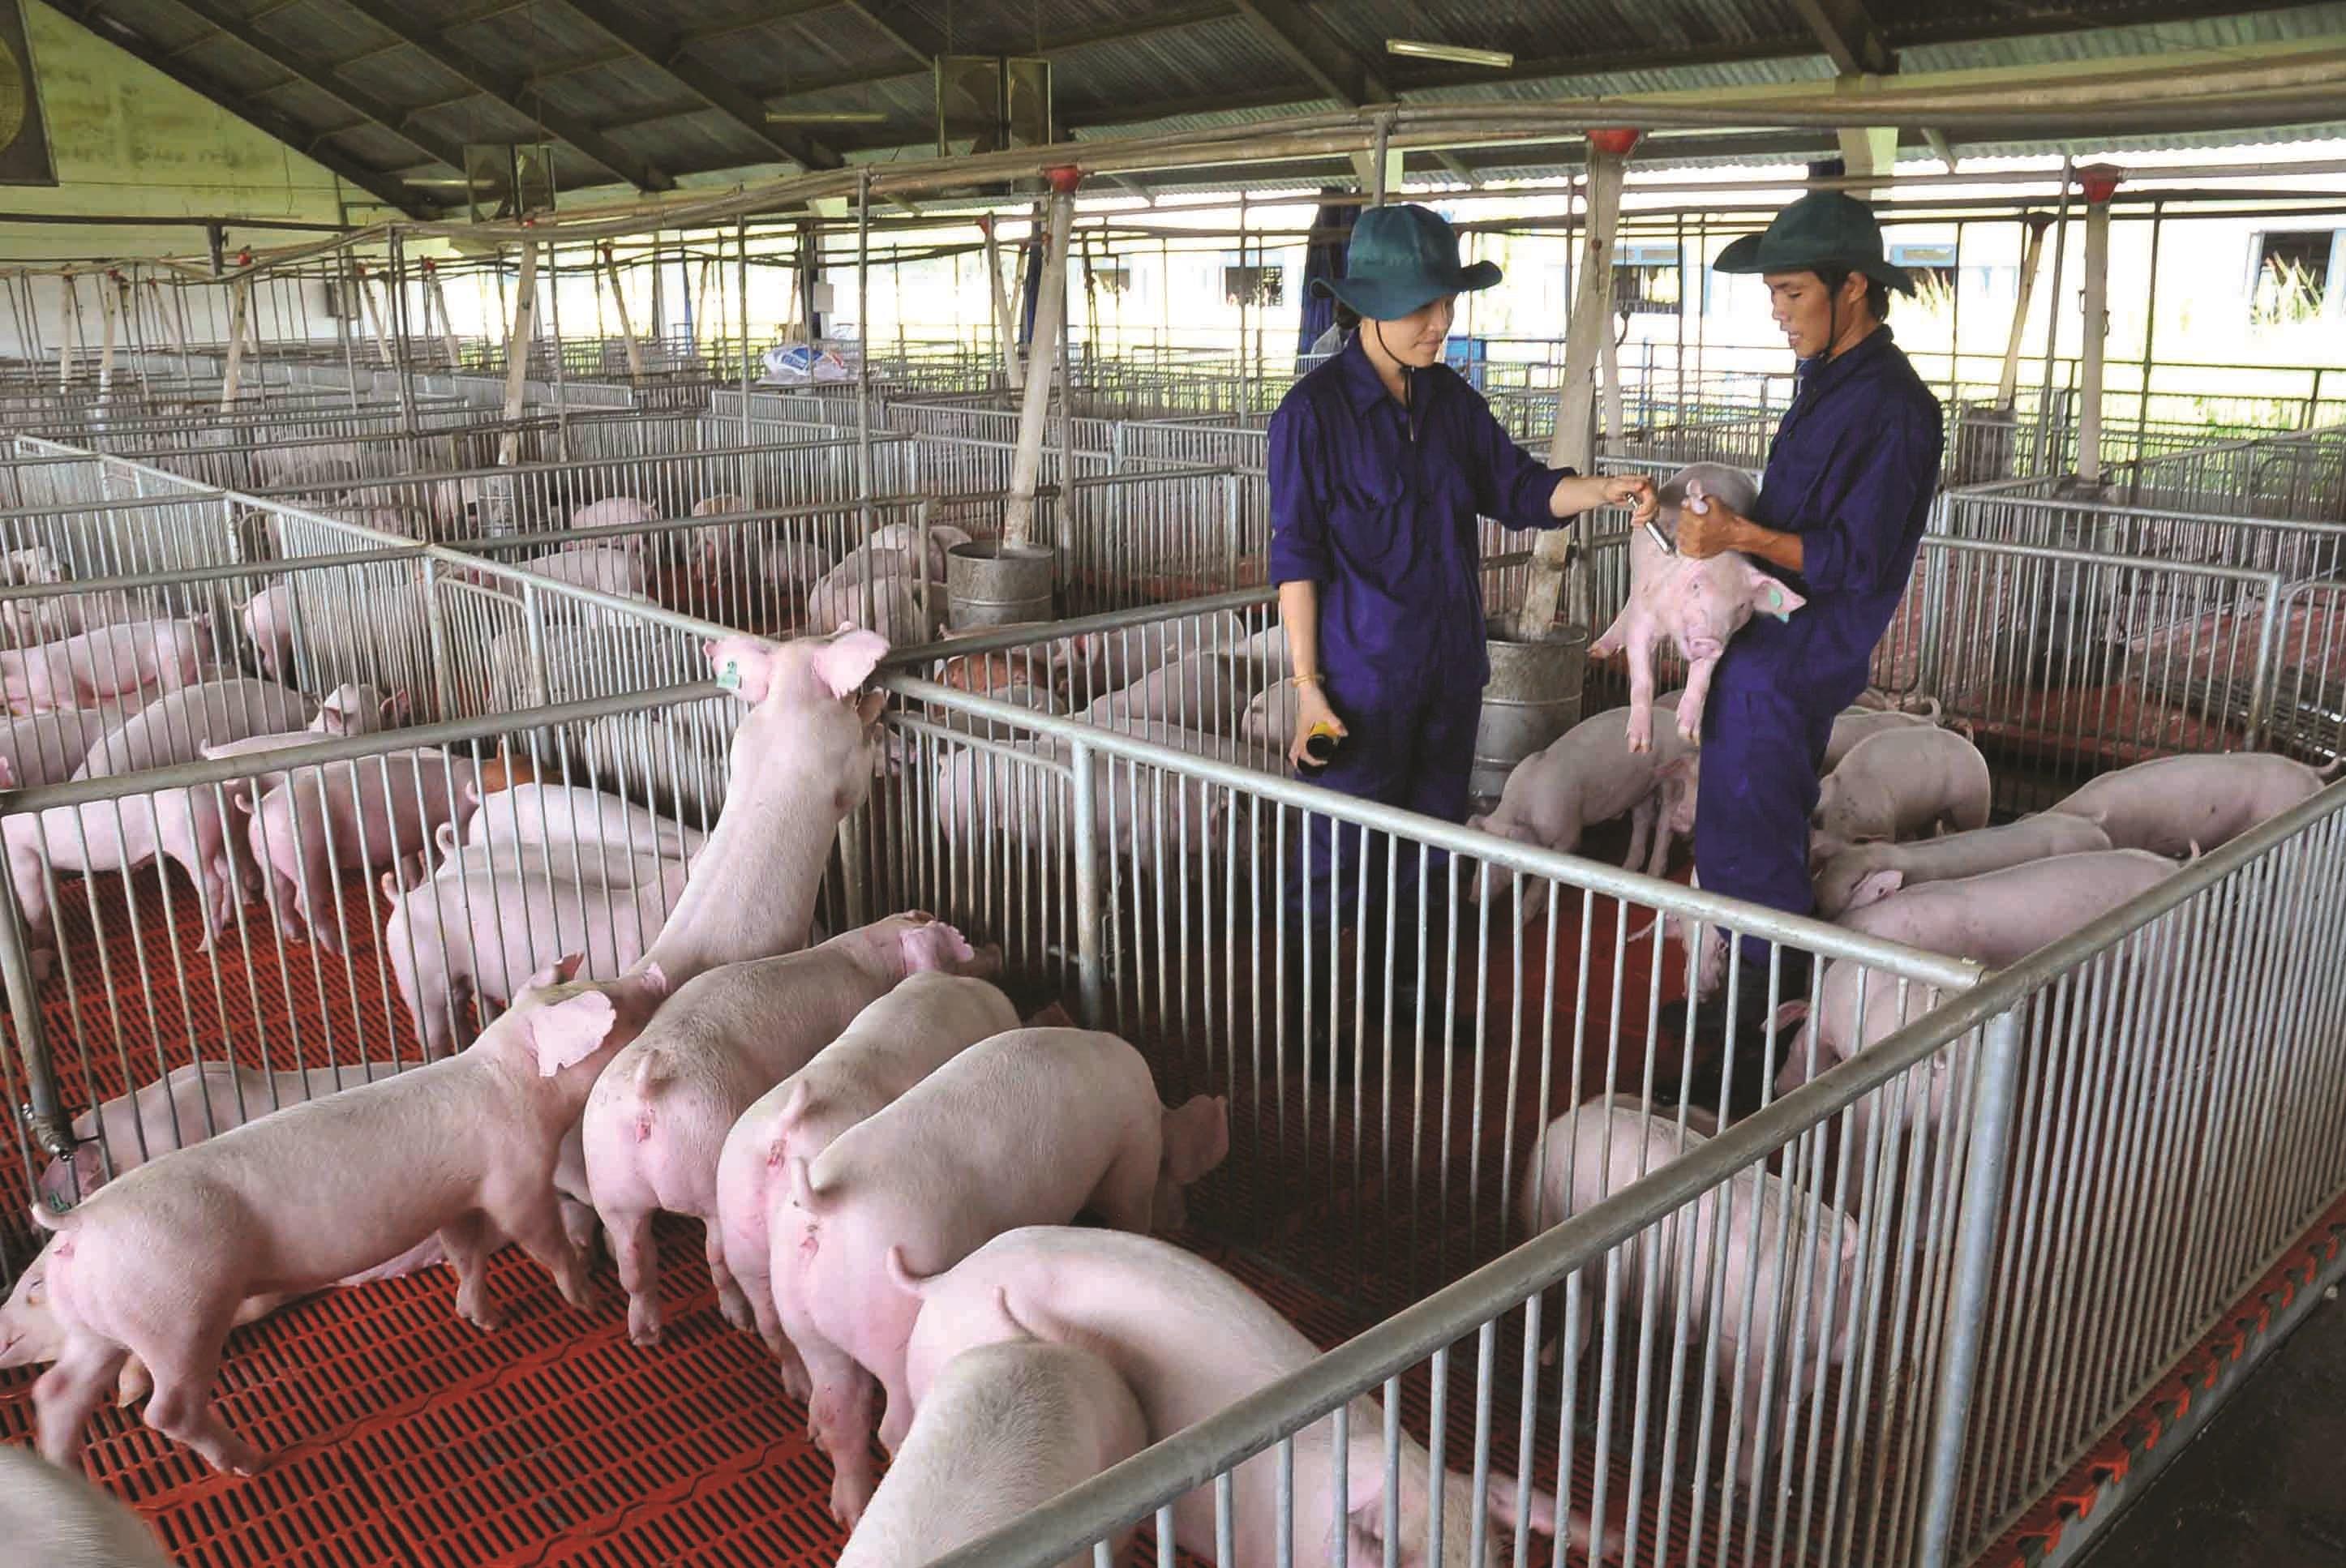 Đến năm 2030, phấn đấu tổng đàn lợn có mặt thường xuyên ở quy mô khoảng 29 - 30 triệu con